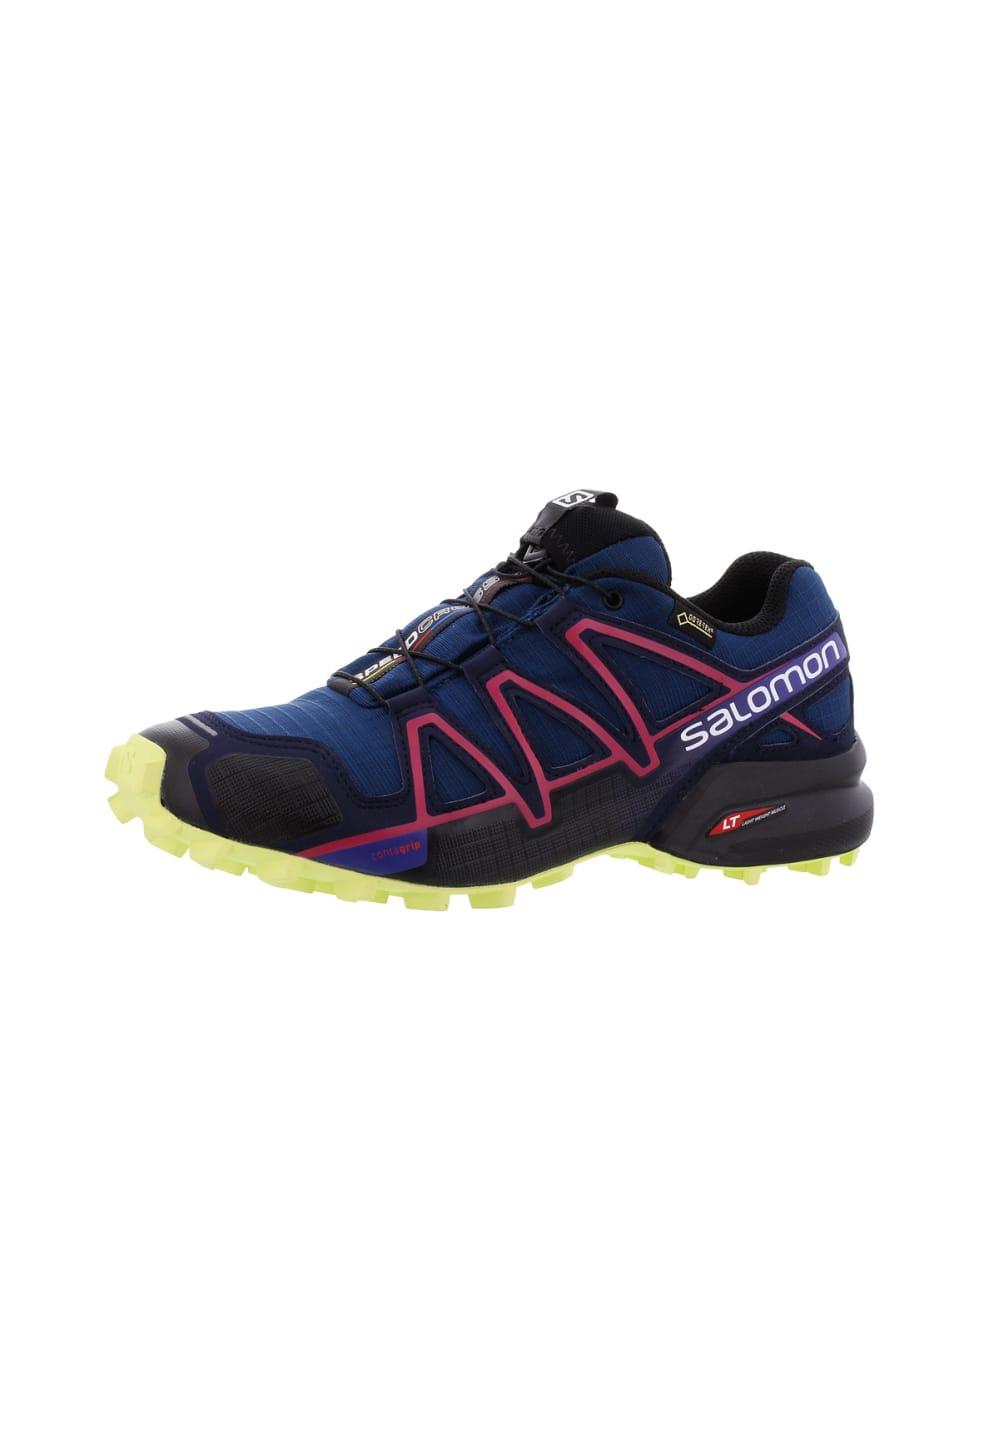 Salomon Speedcross 4 GTX - Laufschuhe für Damen - Blau